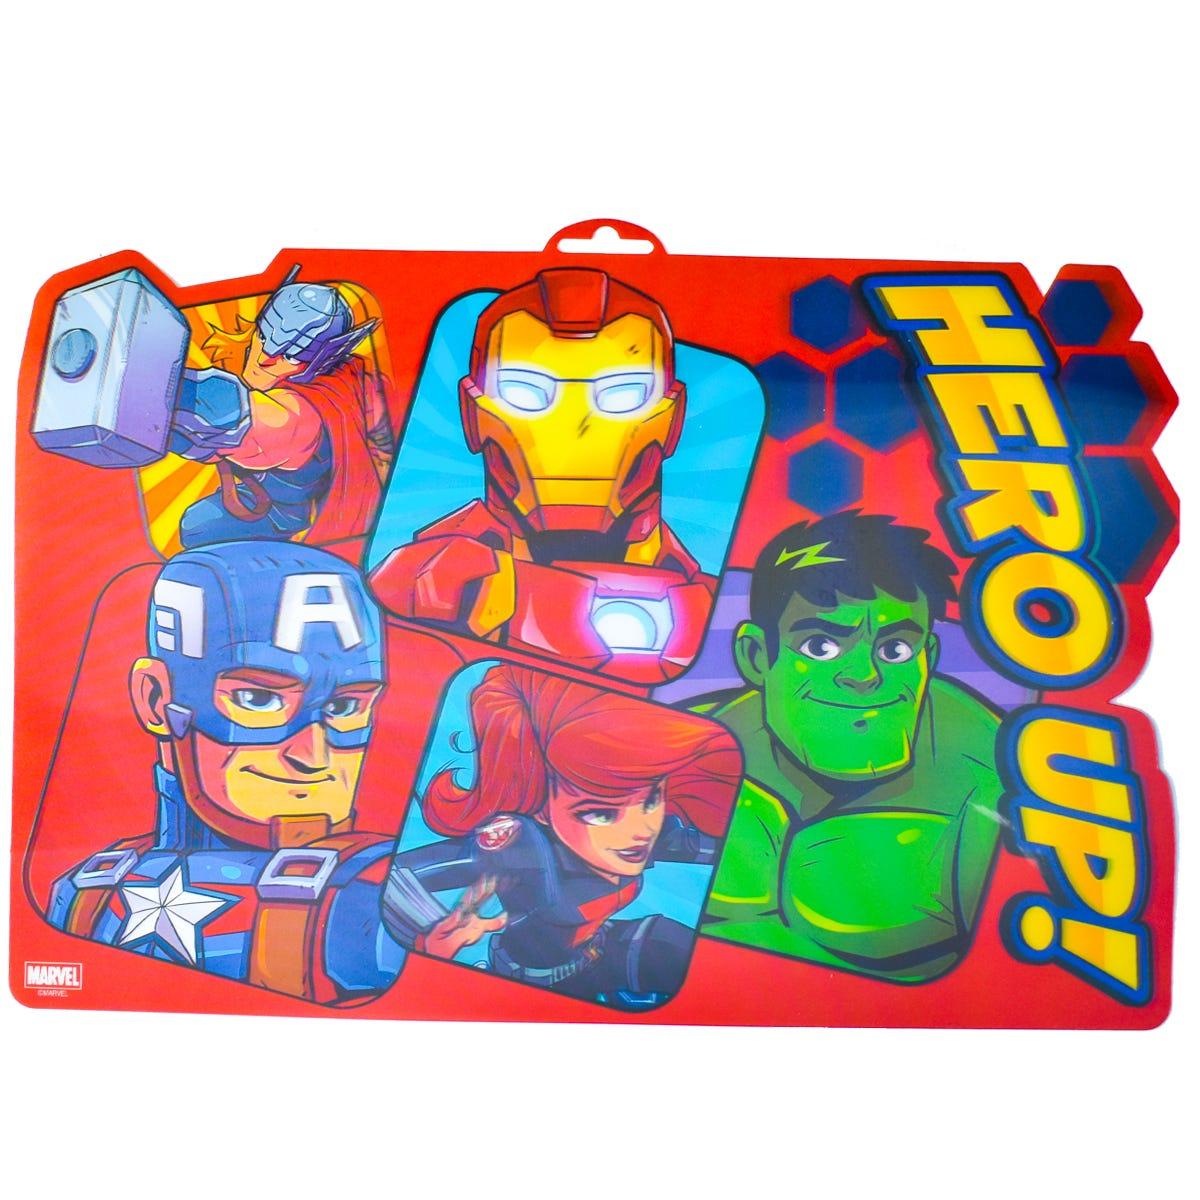 Mantel para niños de plástico Fun Kids® de Marvel tamaño estándar